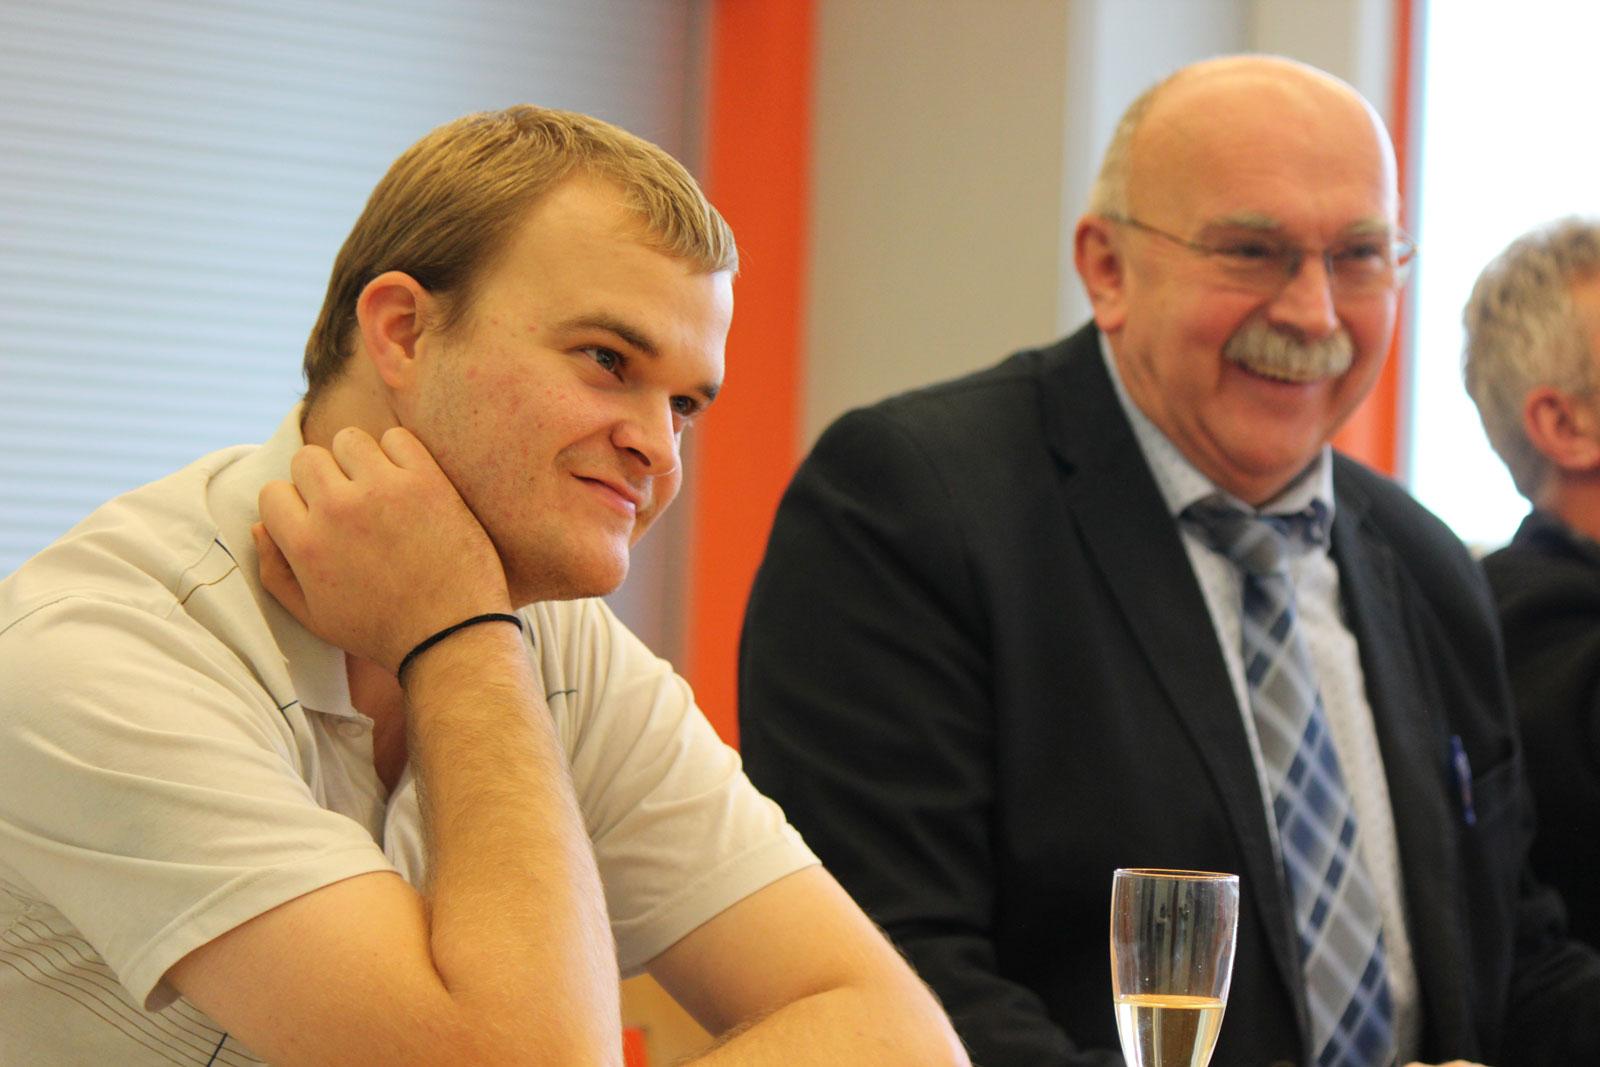 Der neue Werkstattratsvorsitzende Stefan Mancini entbot Grußworte; meisterte seinen ersten Auftritt mit Bravour. Hier mit Werkstattleiter Wolf.